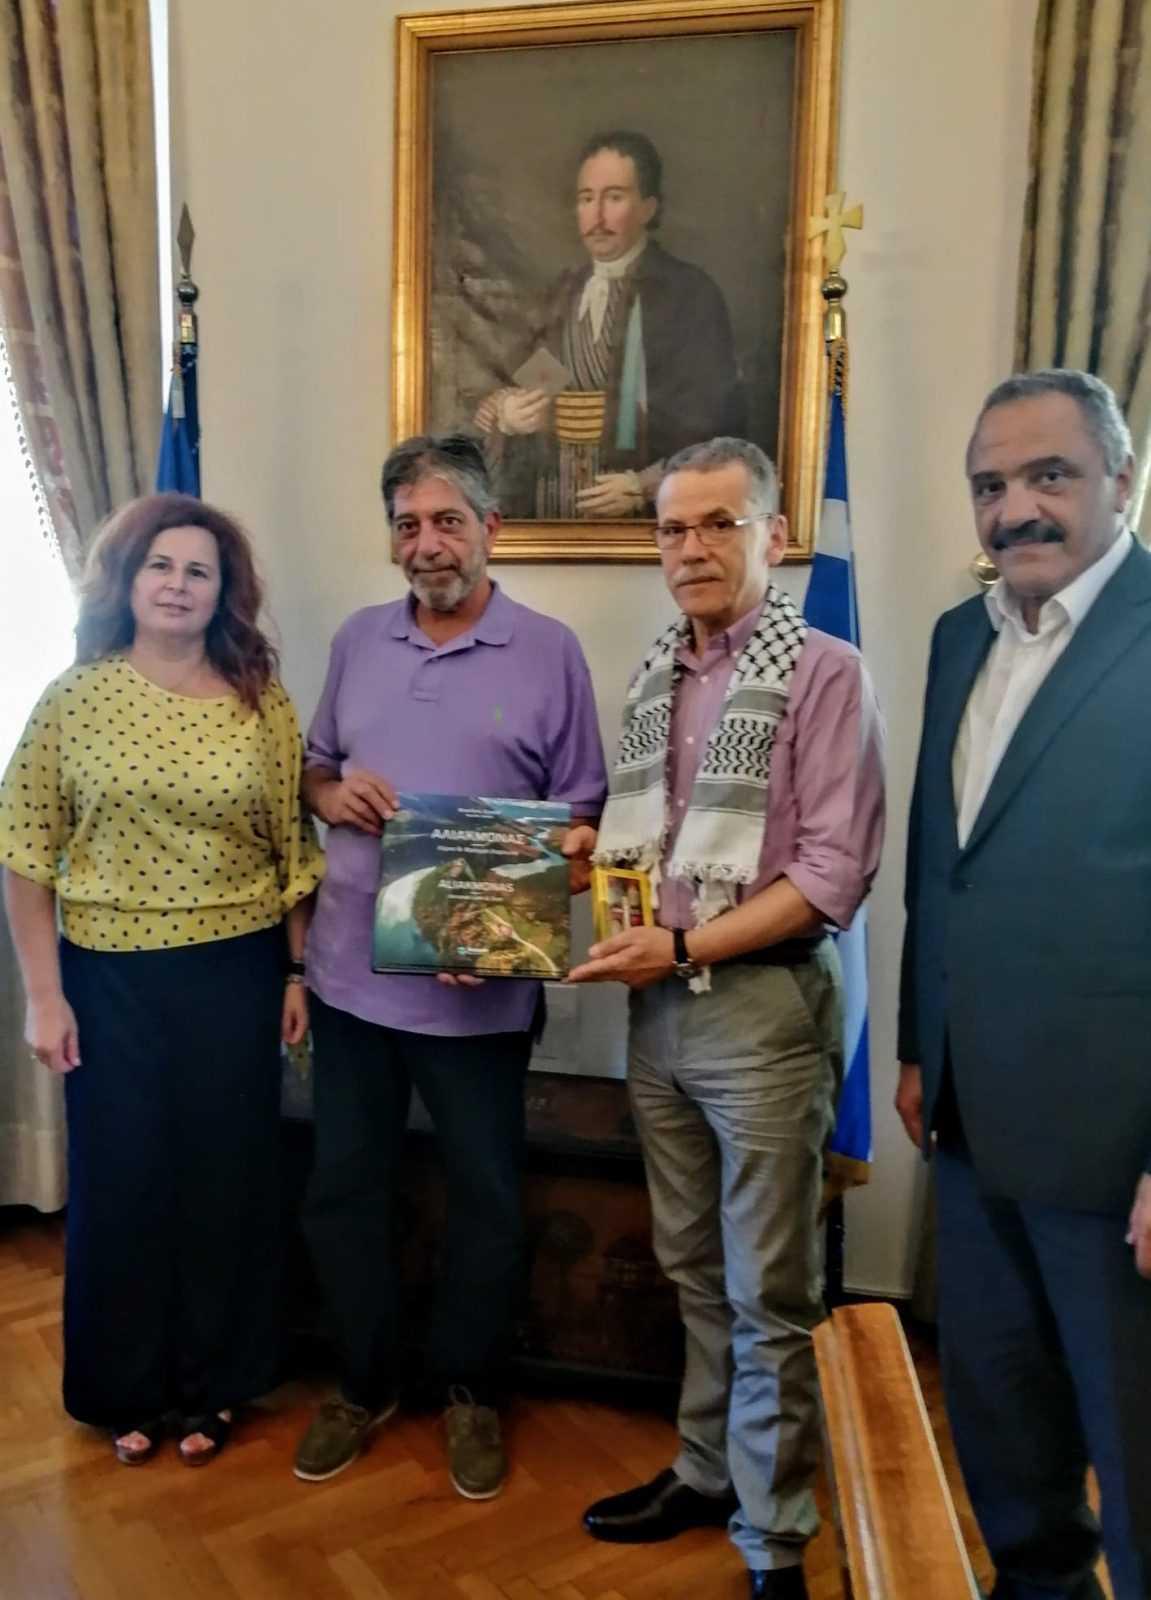 Συνάντηση του δημάρχου Κοζάνης με τον πρέσβη της Παλαιστίνης